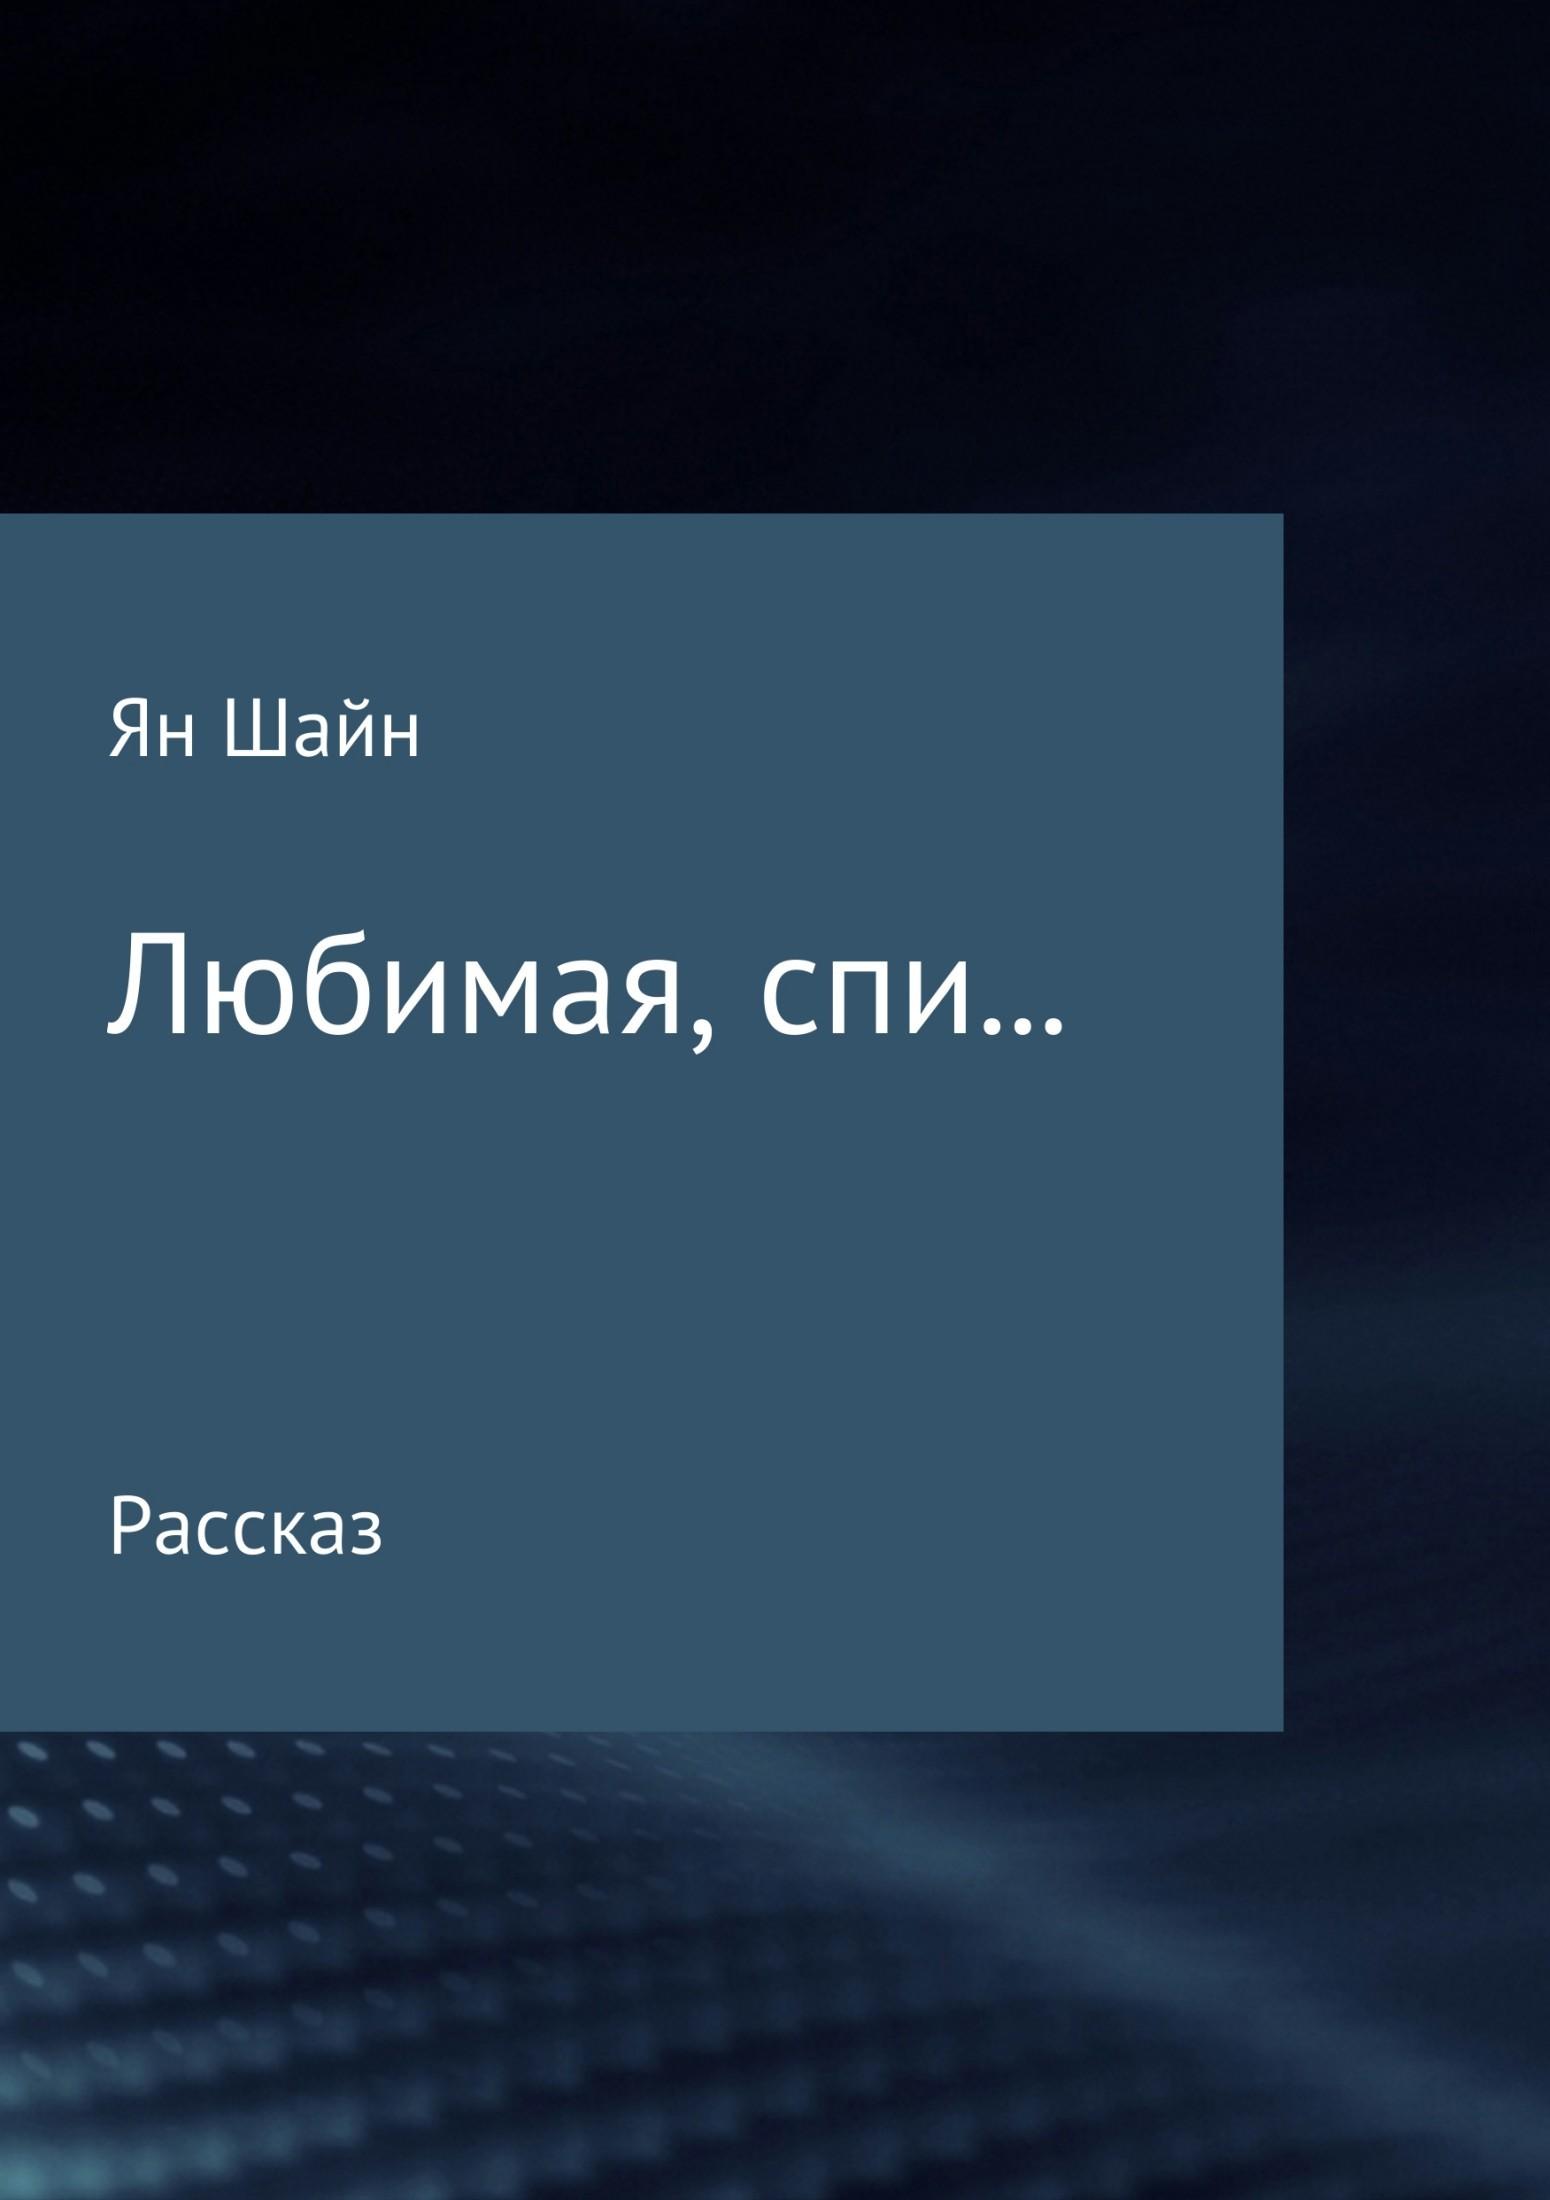 Ян Шайн Любимая, спи… 100% шлягер